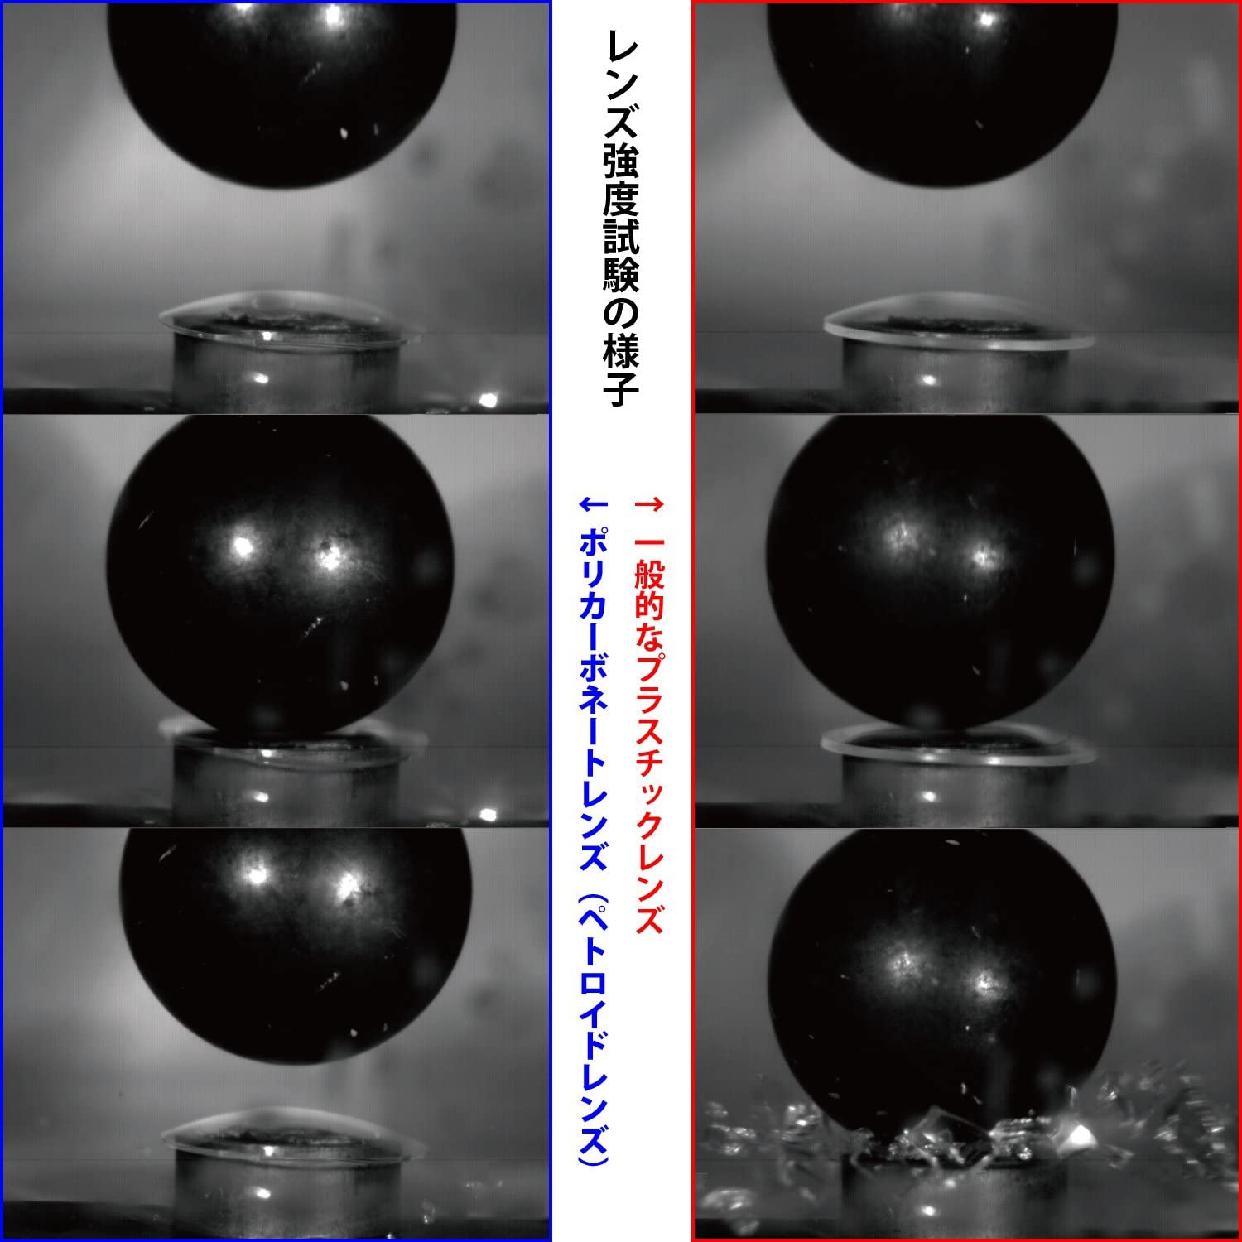 SWANS(スワンズ) 花粉用メガネ 大人用 SWKA-01の商品画像7